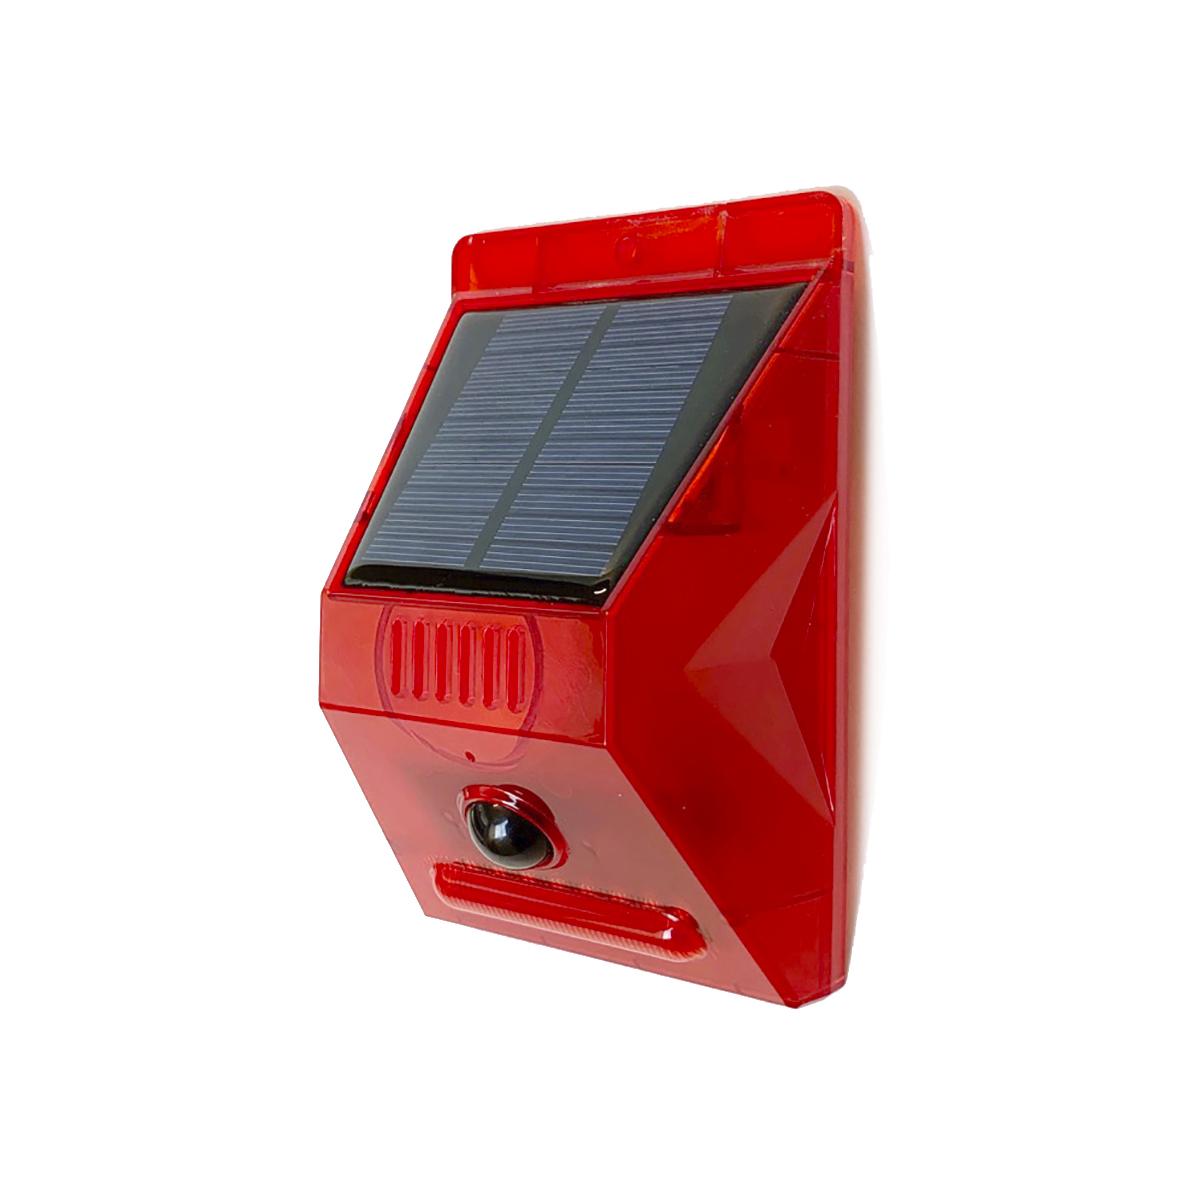 ソーラー充電式アラーム 警告灯